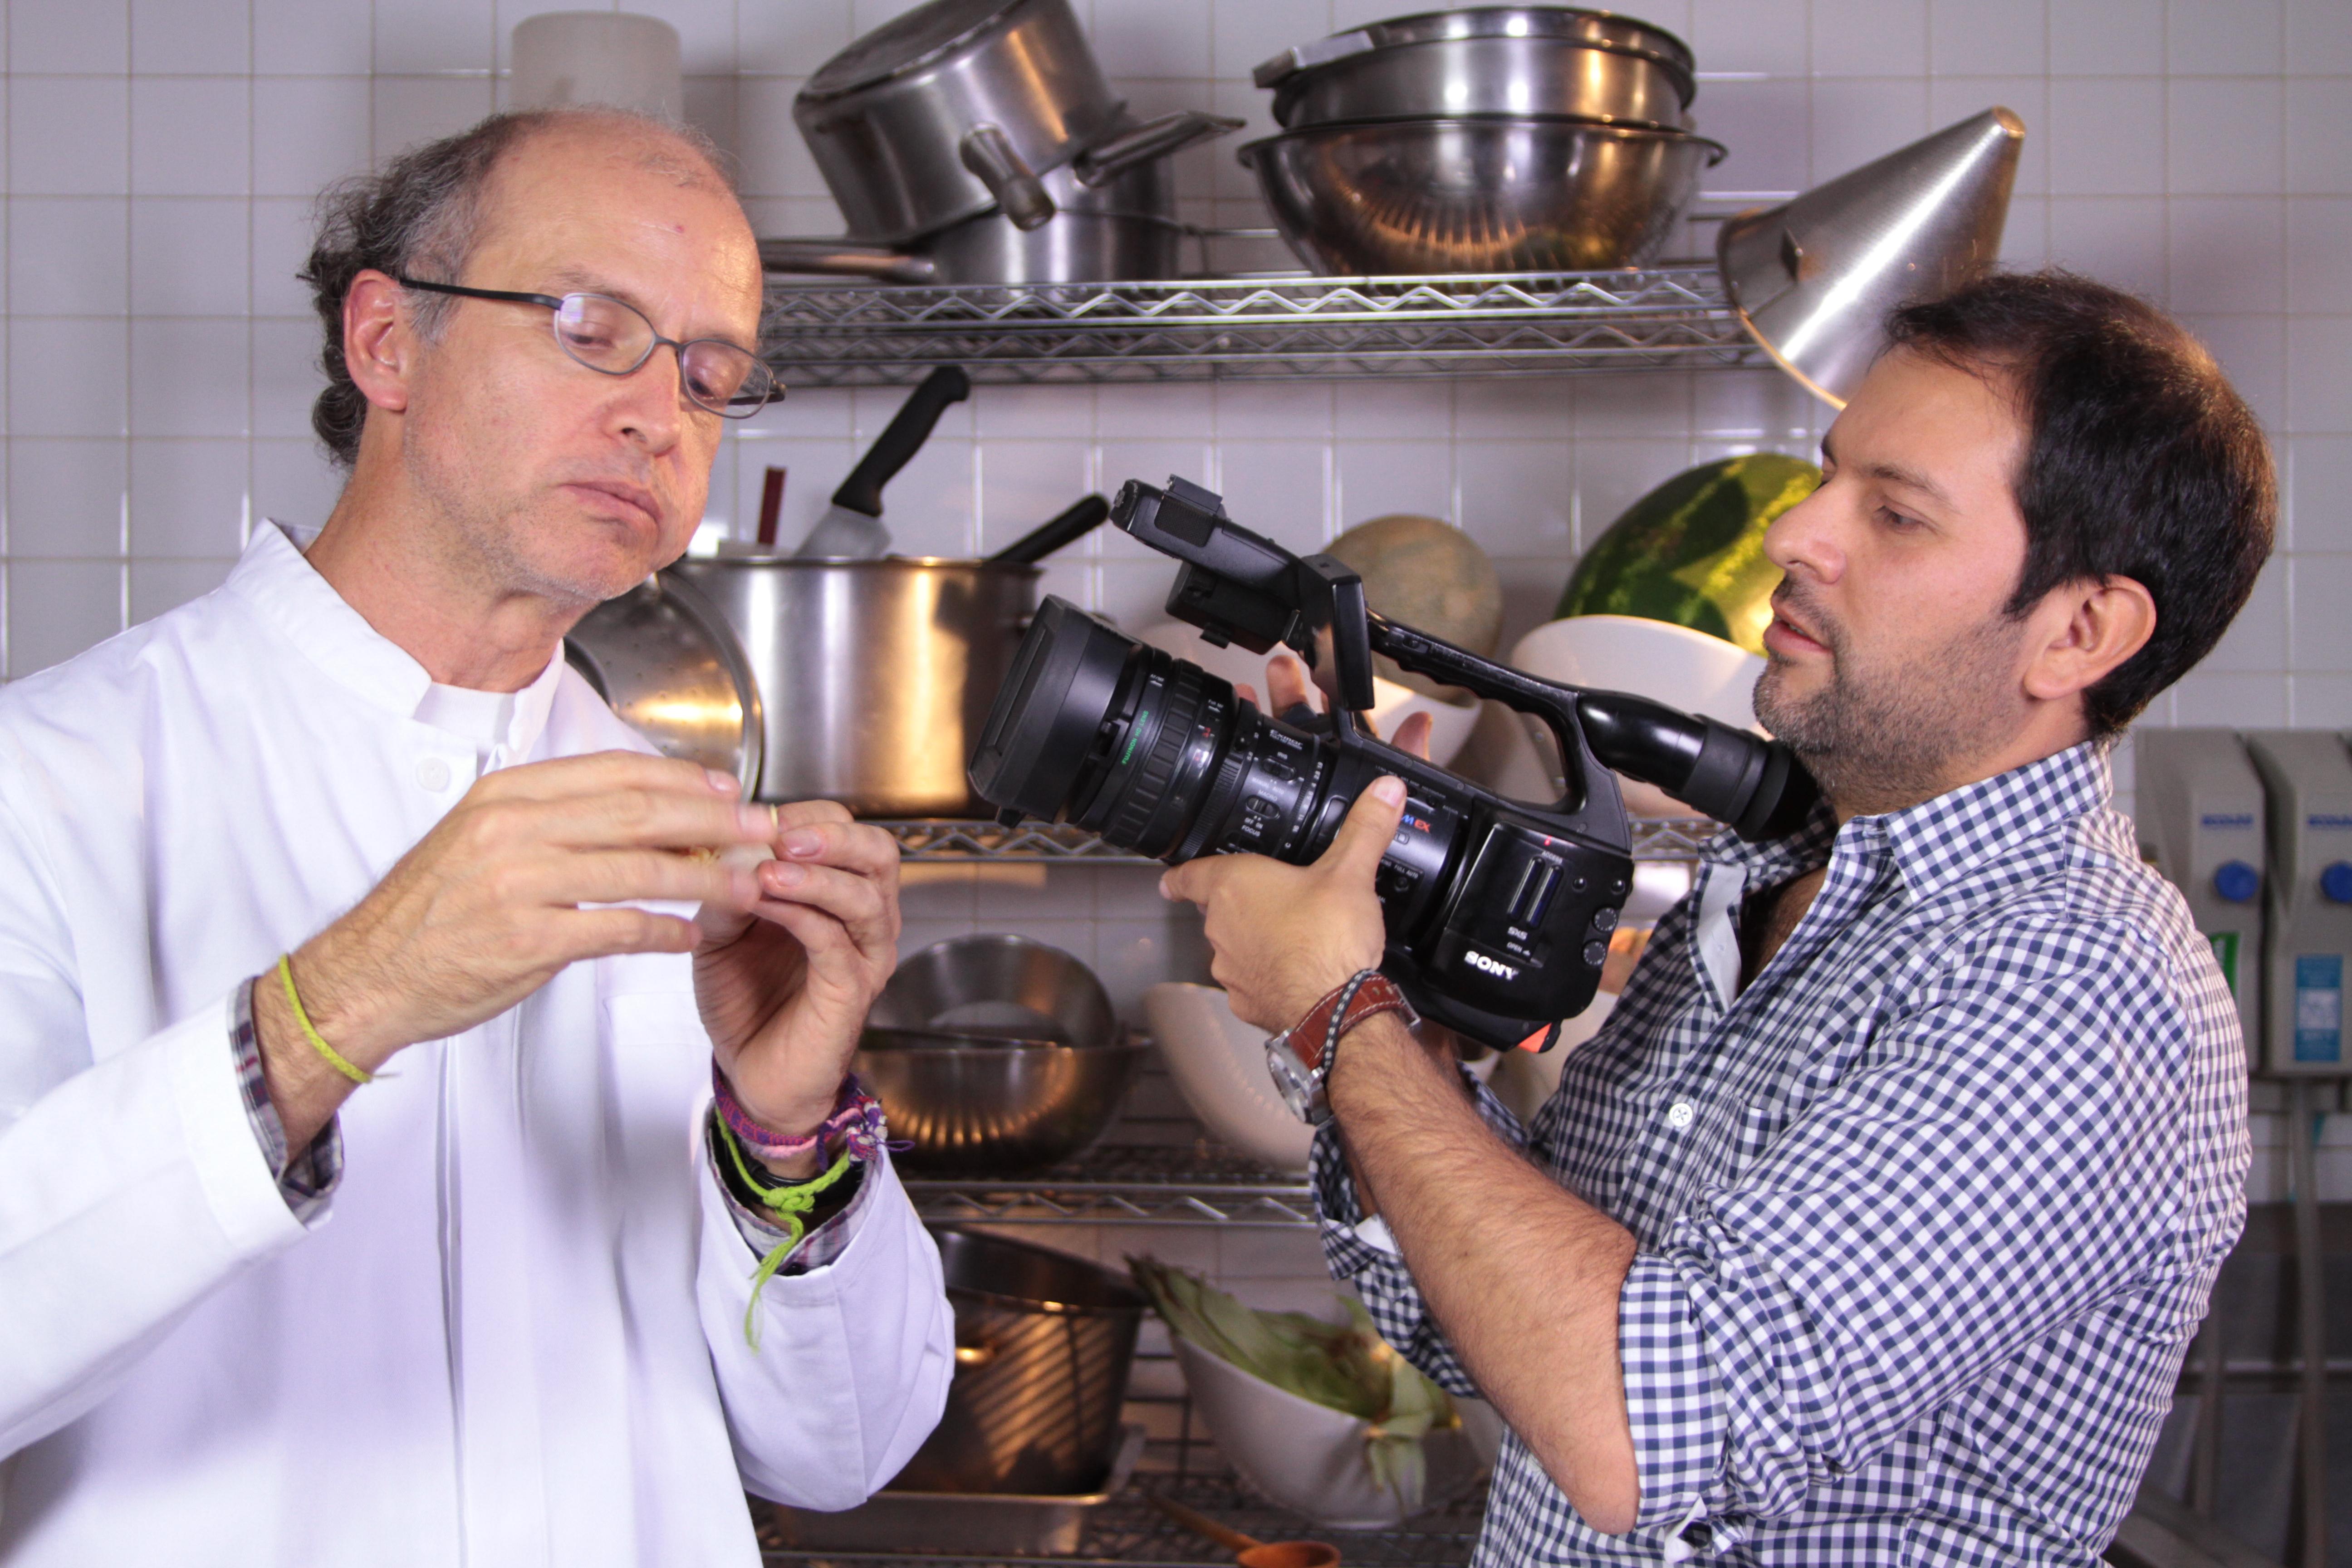 Diario de un cocinero de Once TV reconocido en los Travel + Leisure Gourmet Awards